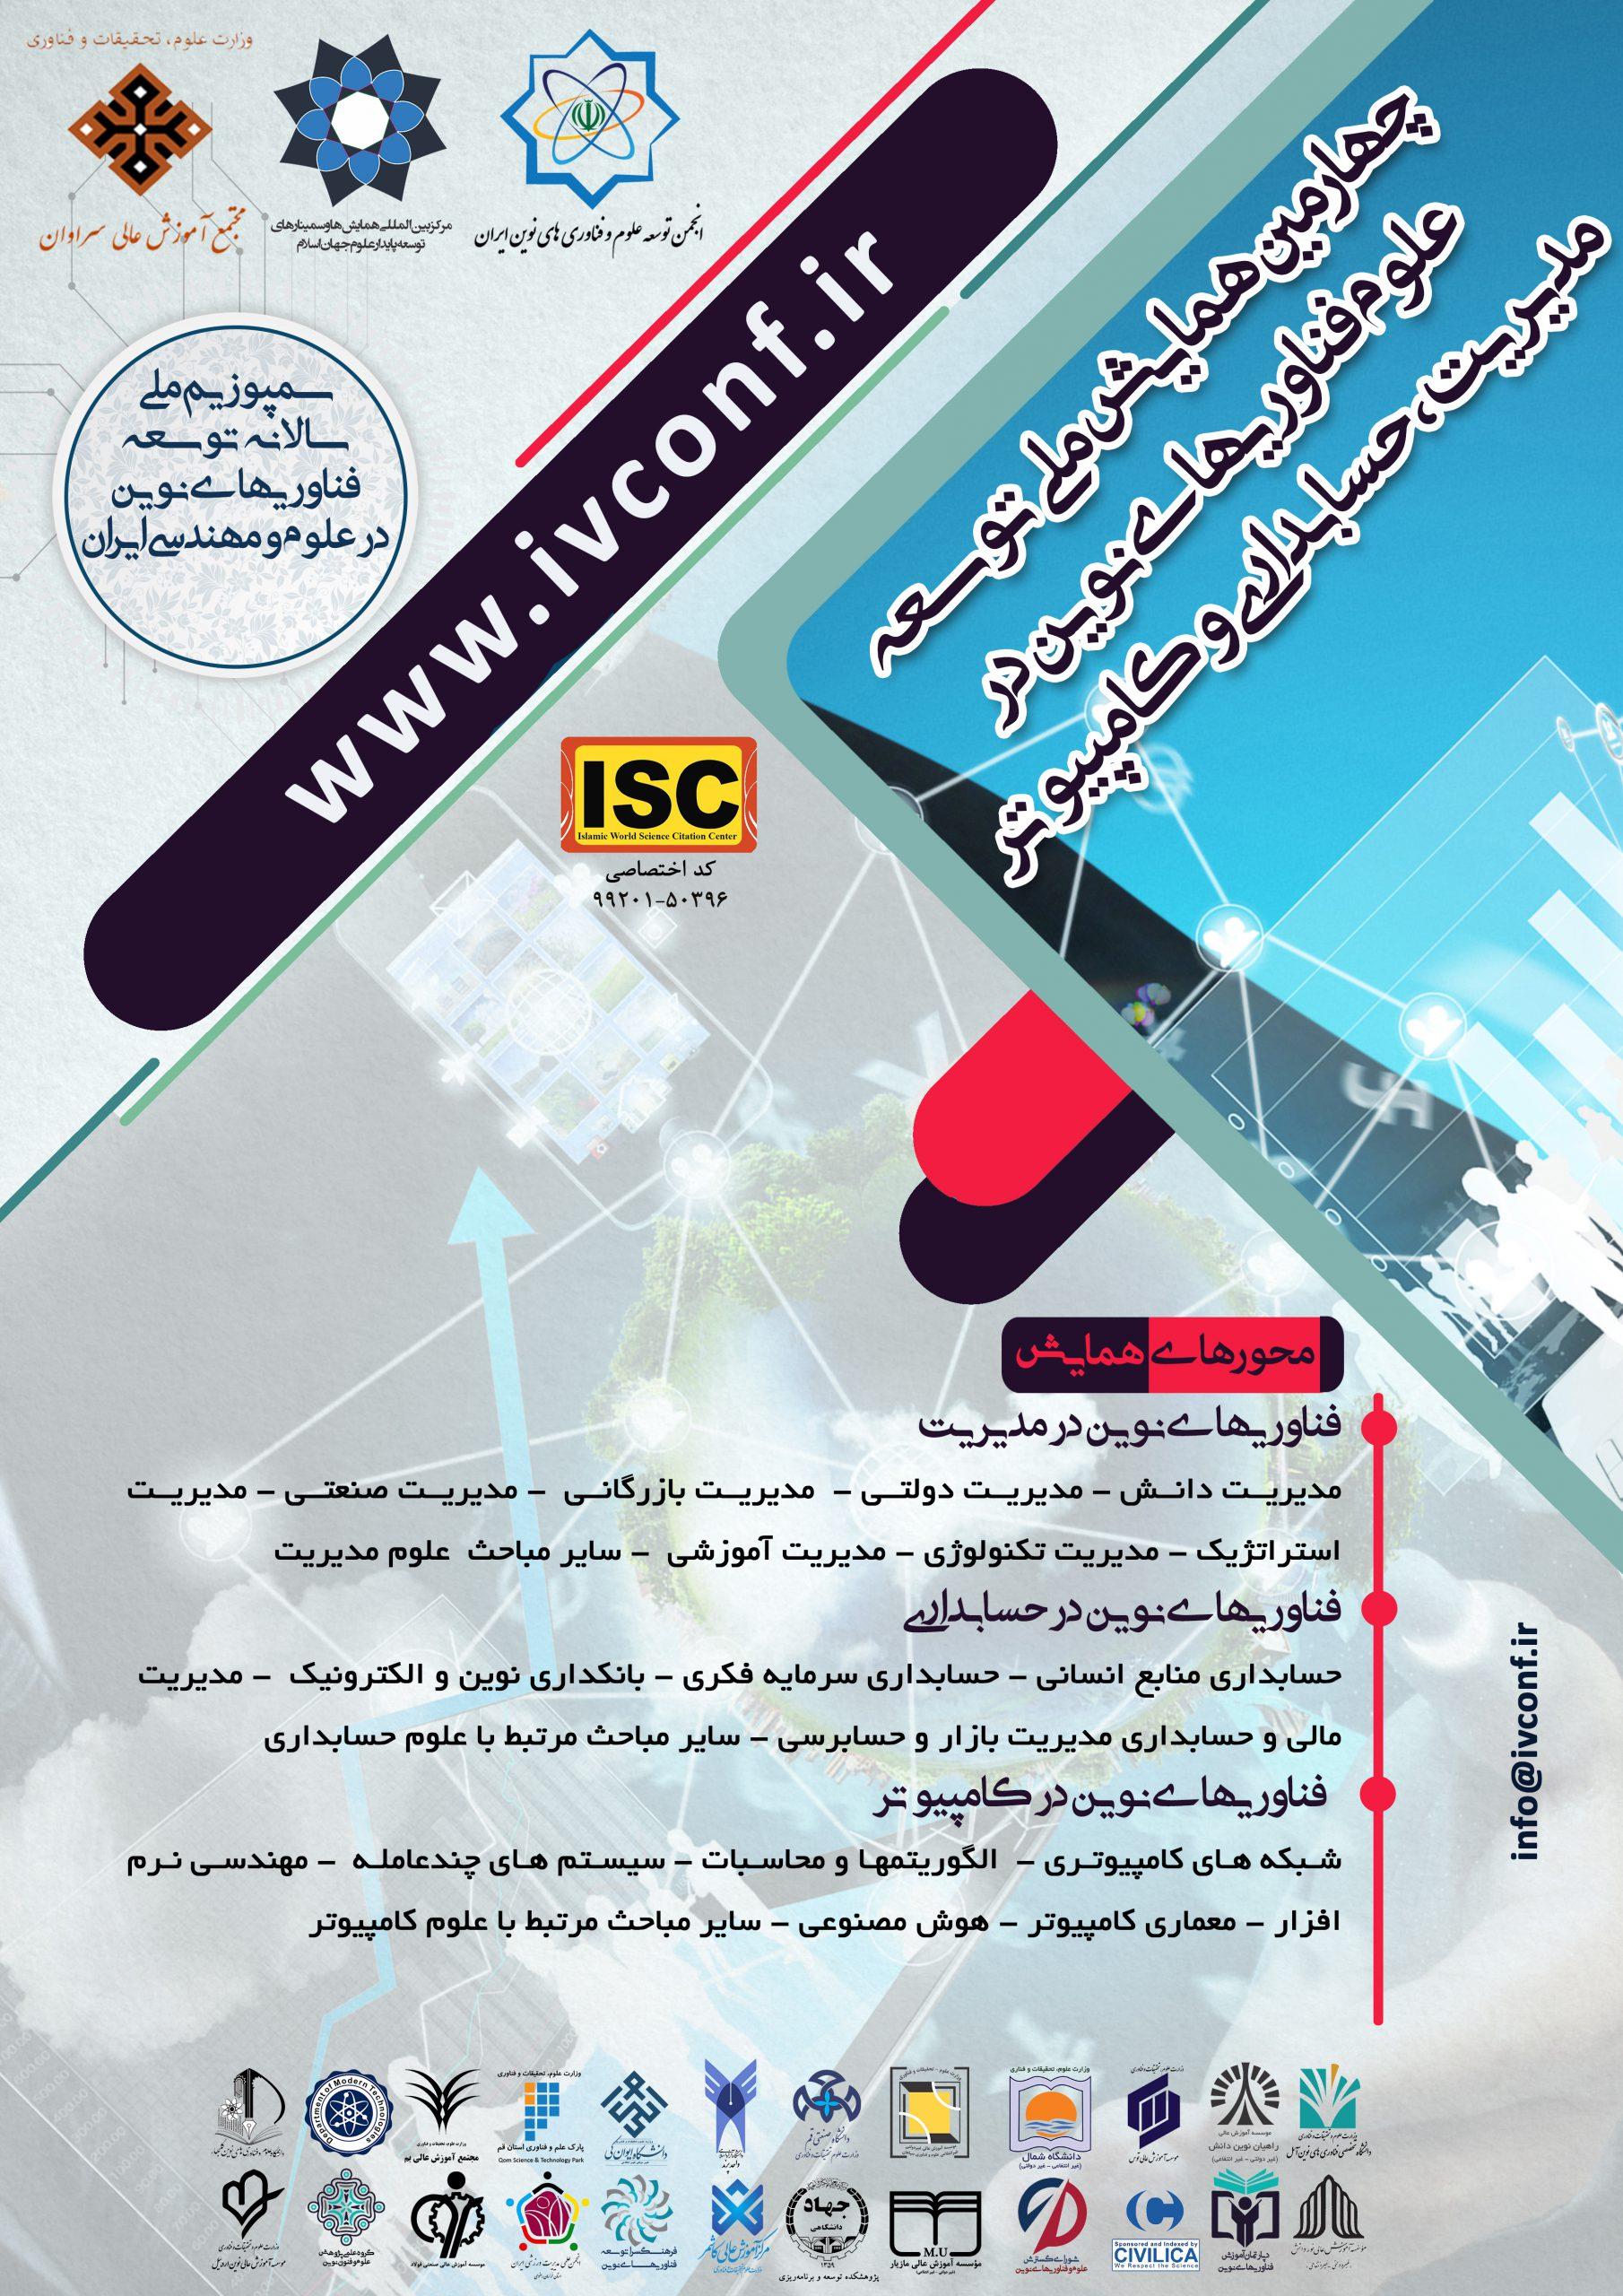 همایش ملی توسعه ی علوم و فناوری های نوین در مدیریت، حسابداری و کامپیوتر